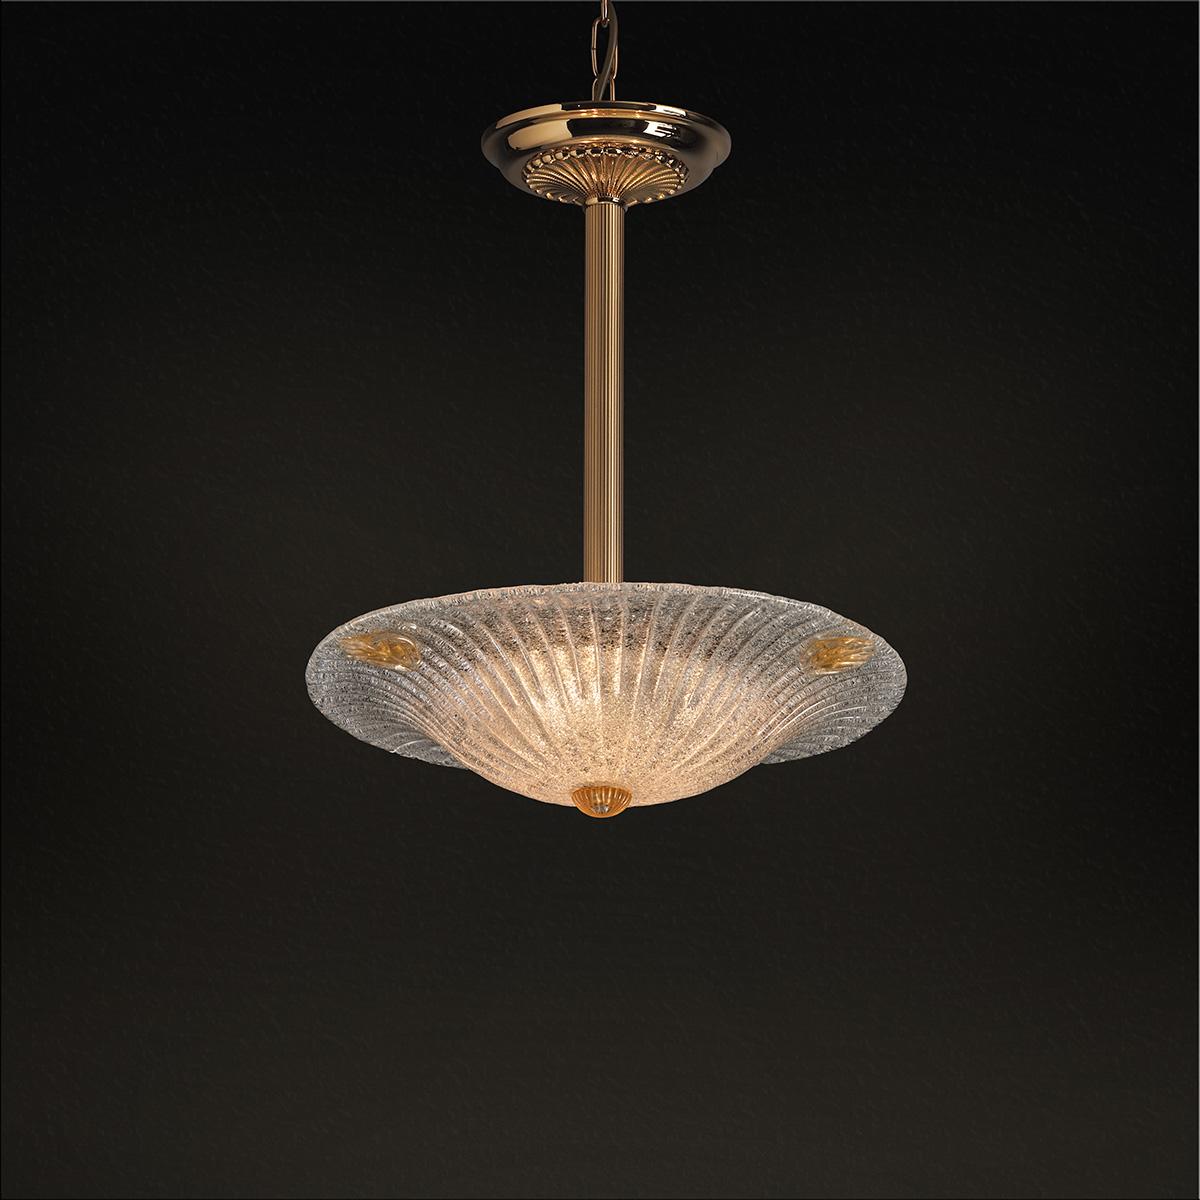 Κλασικό μονόφωτο με κρύσταλλο Μουράνο ΦΥΛΛΟ classic Murano crystal suspension lamp